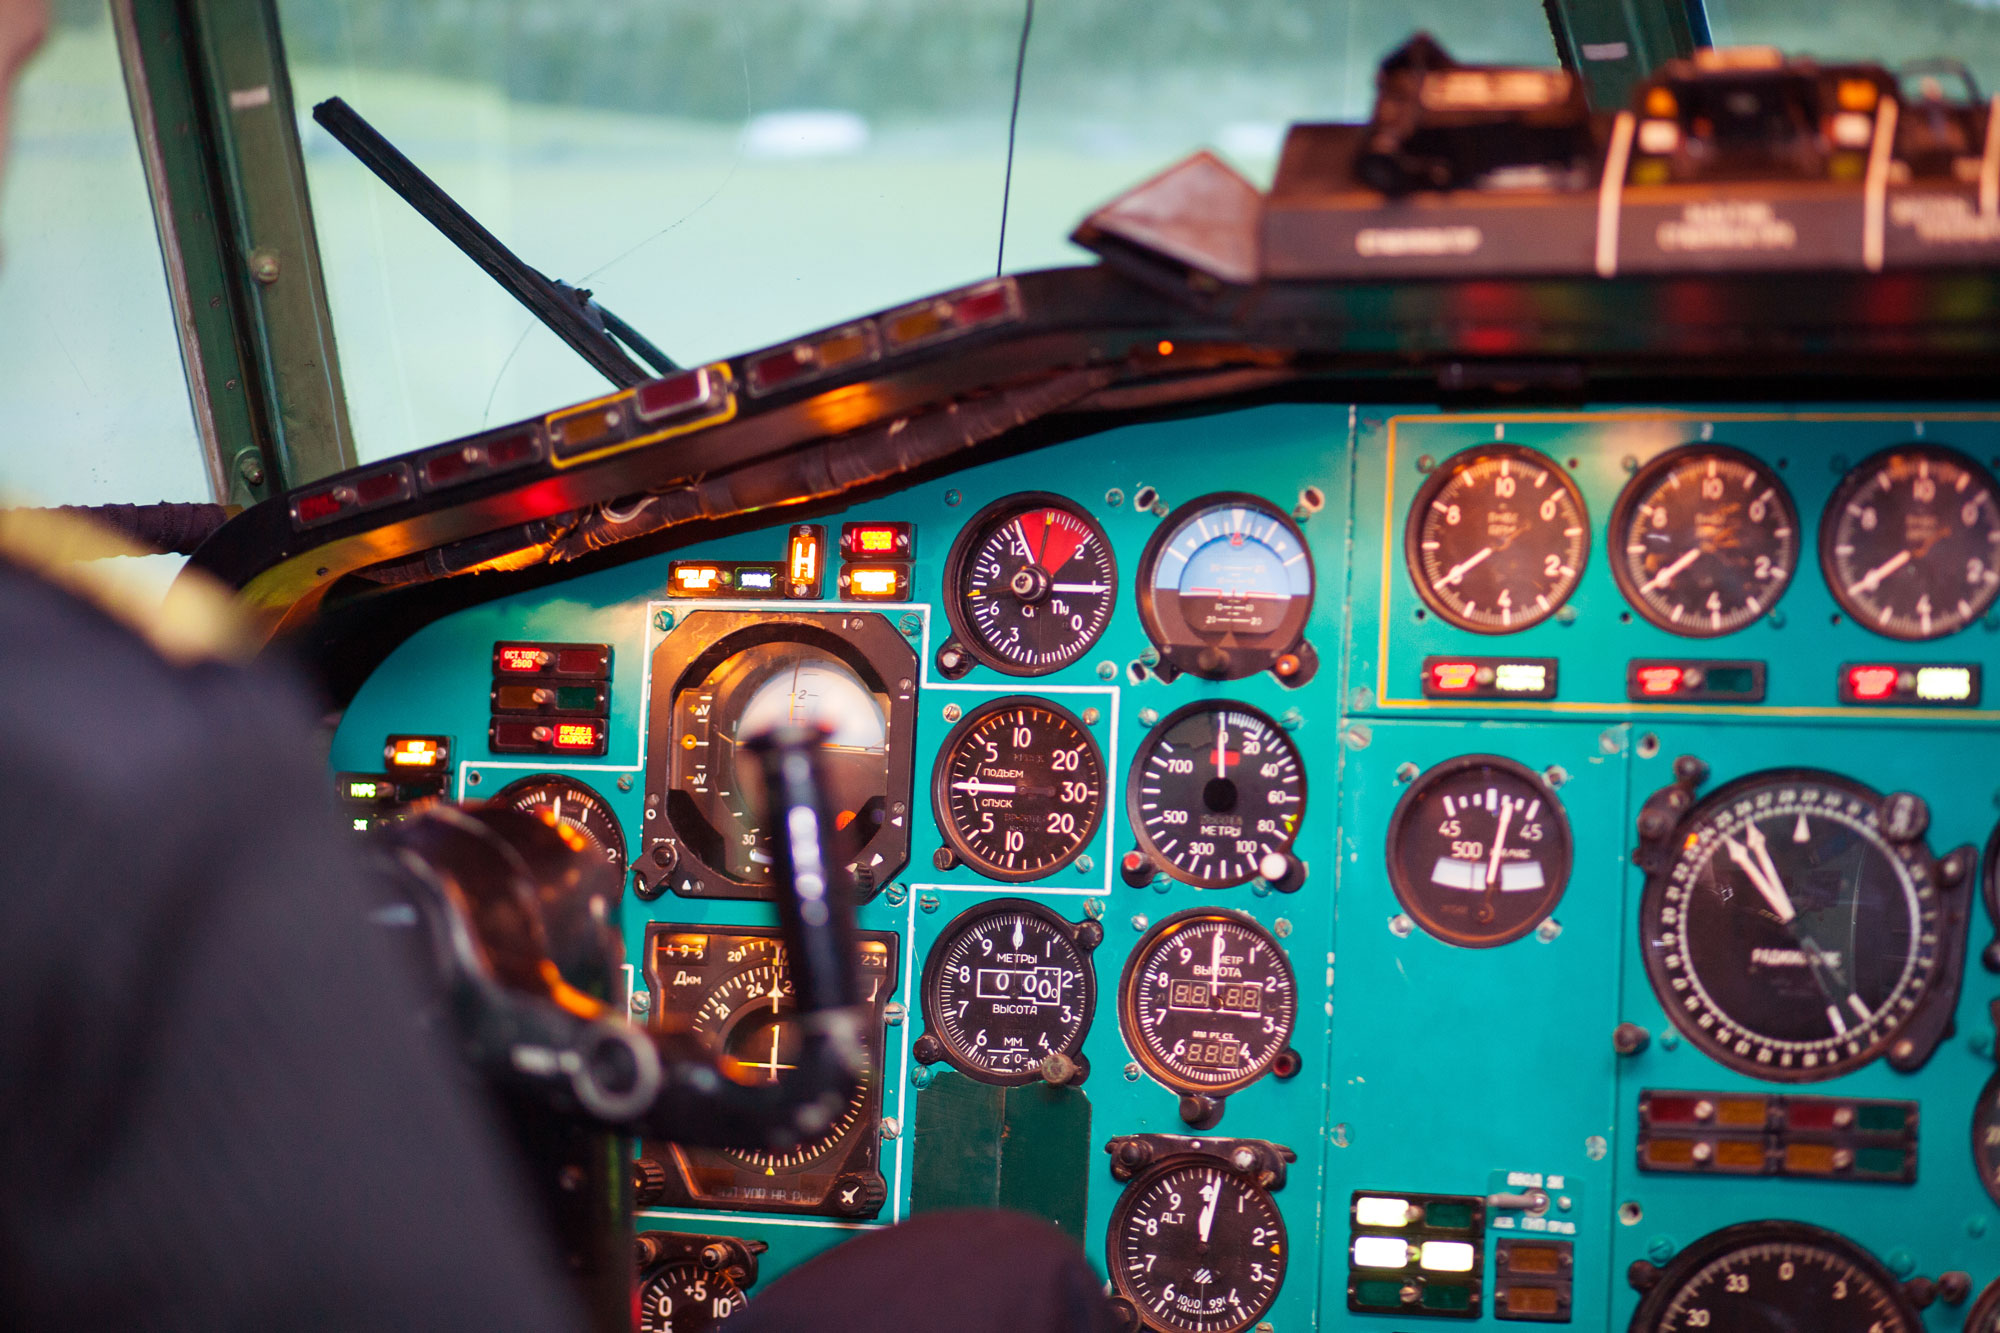 Приборная панель авиатренажера самолета Ту-154